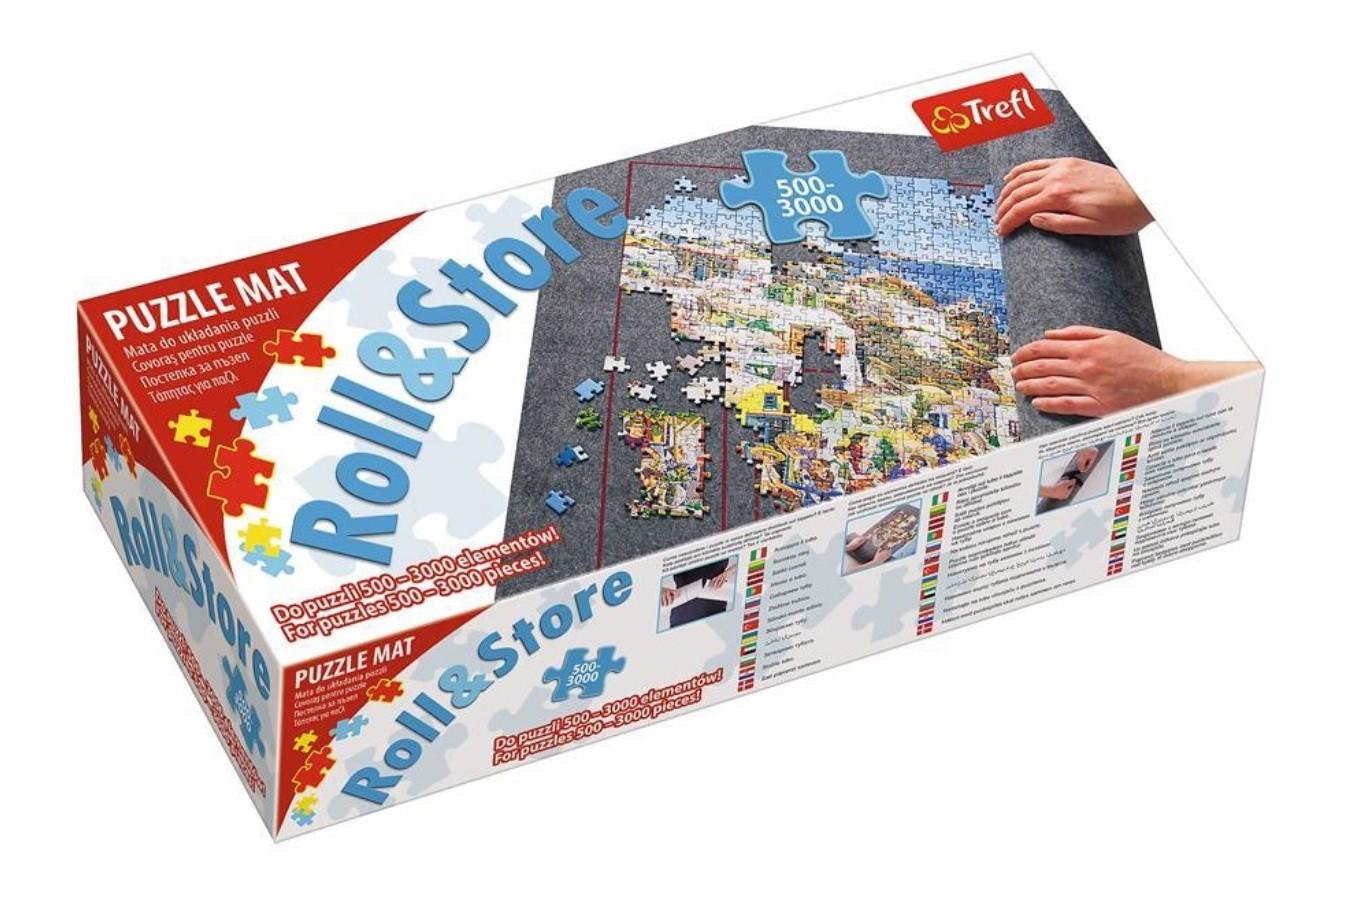 Covor Pentru Rulat Puzzle - Trefl Roll Up Mat 500-3.000 Pieces (60986) imagine